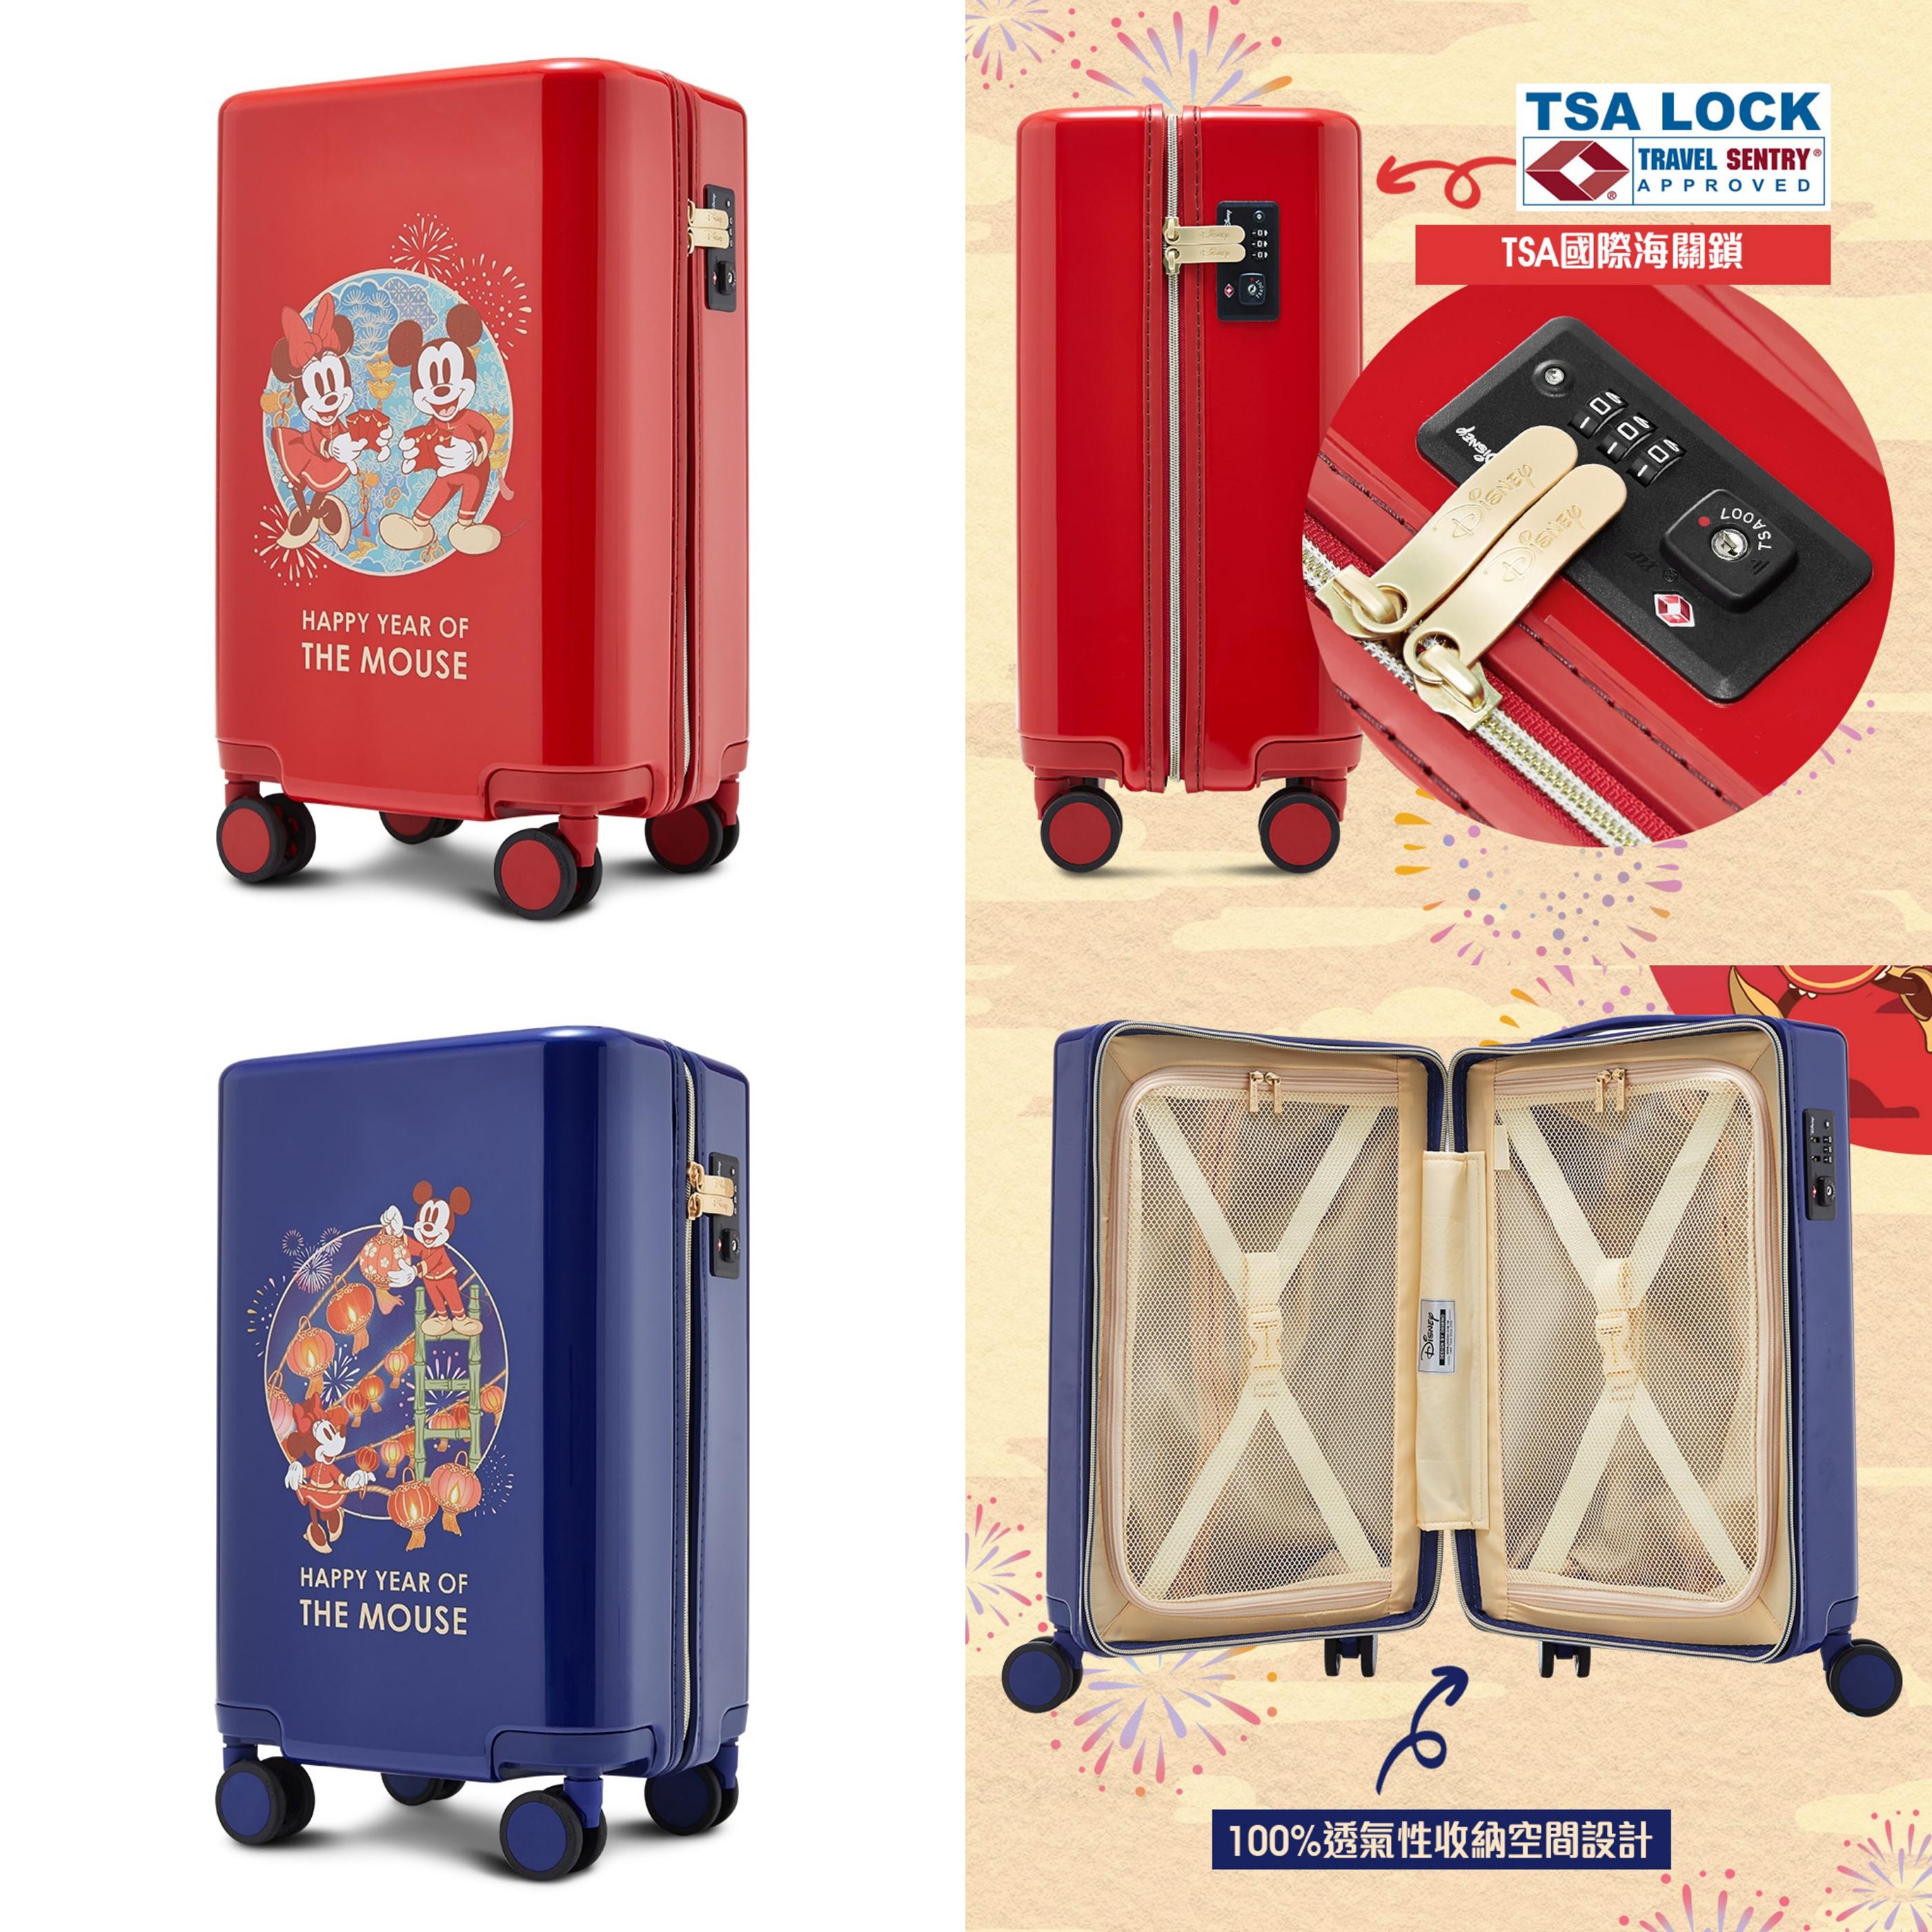 迪士尼正版授權旅行箱,100%高度還原插畫色彩,高品質ABS+PC材質